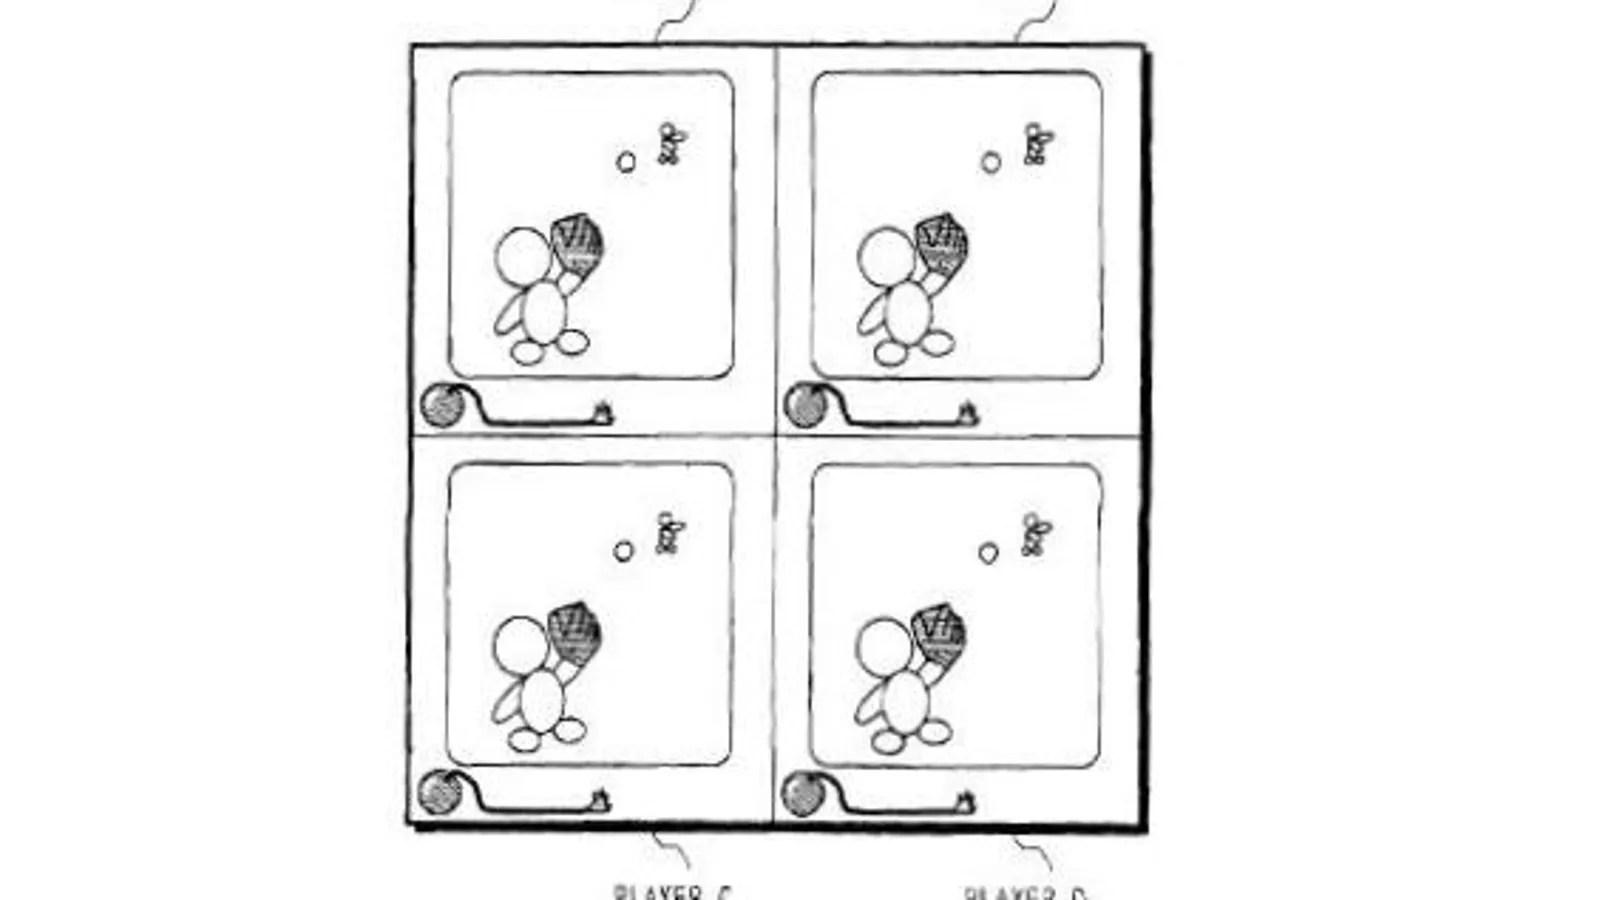 Nintendo Patents WarioWare Take On Othello